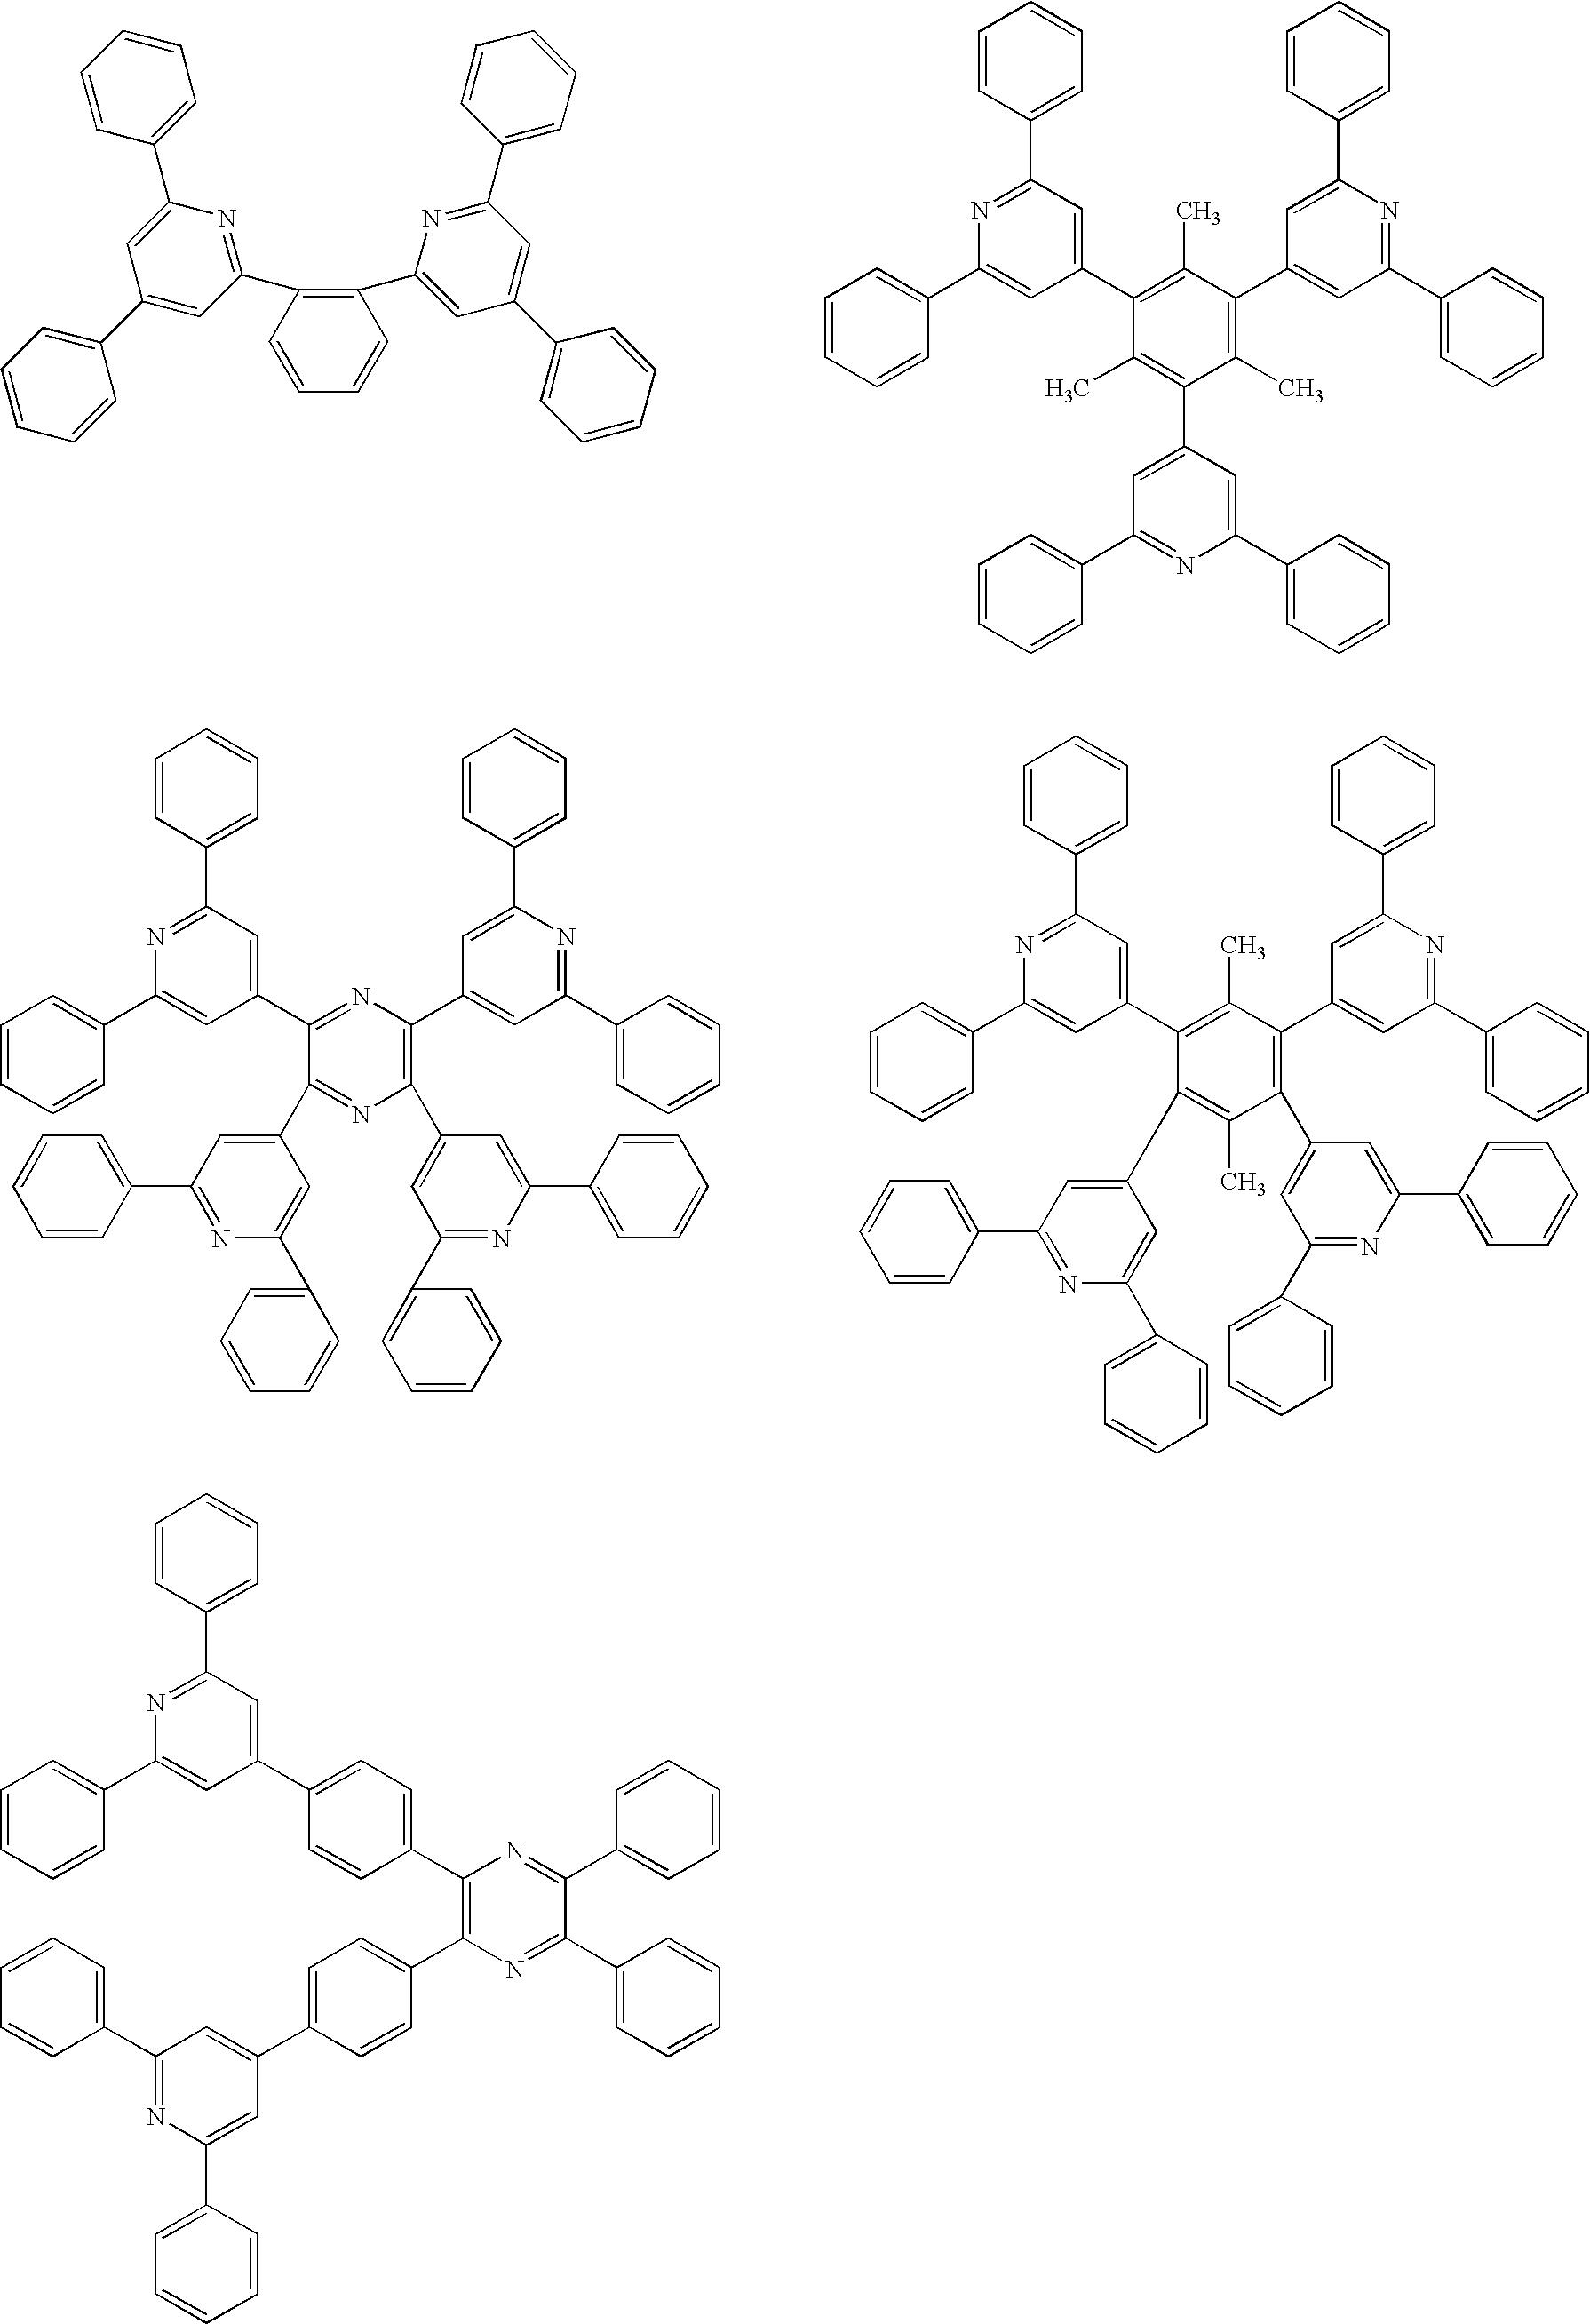 Figure US20060186796A1-20060824-C00103